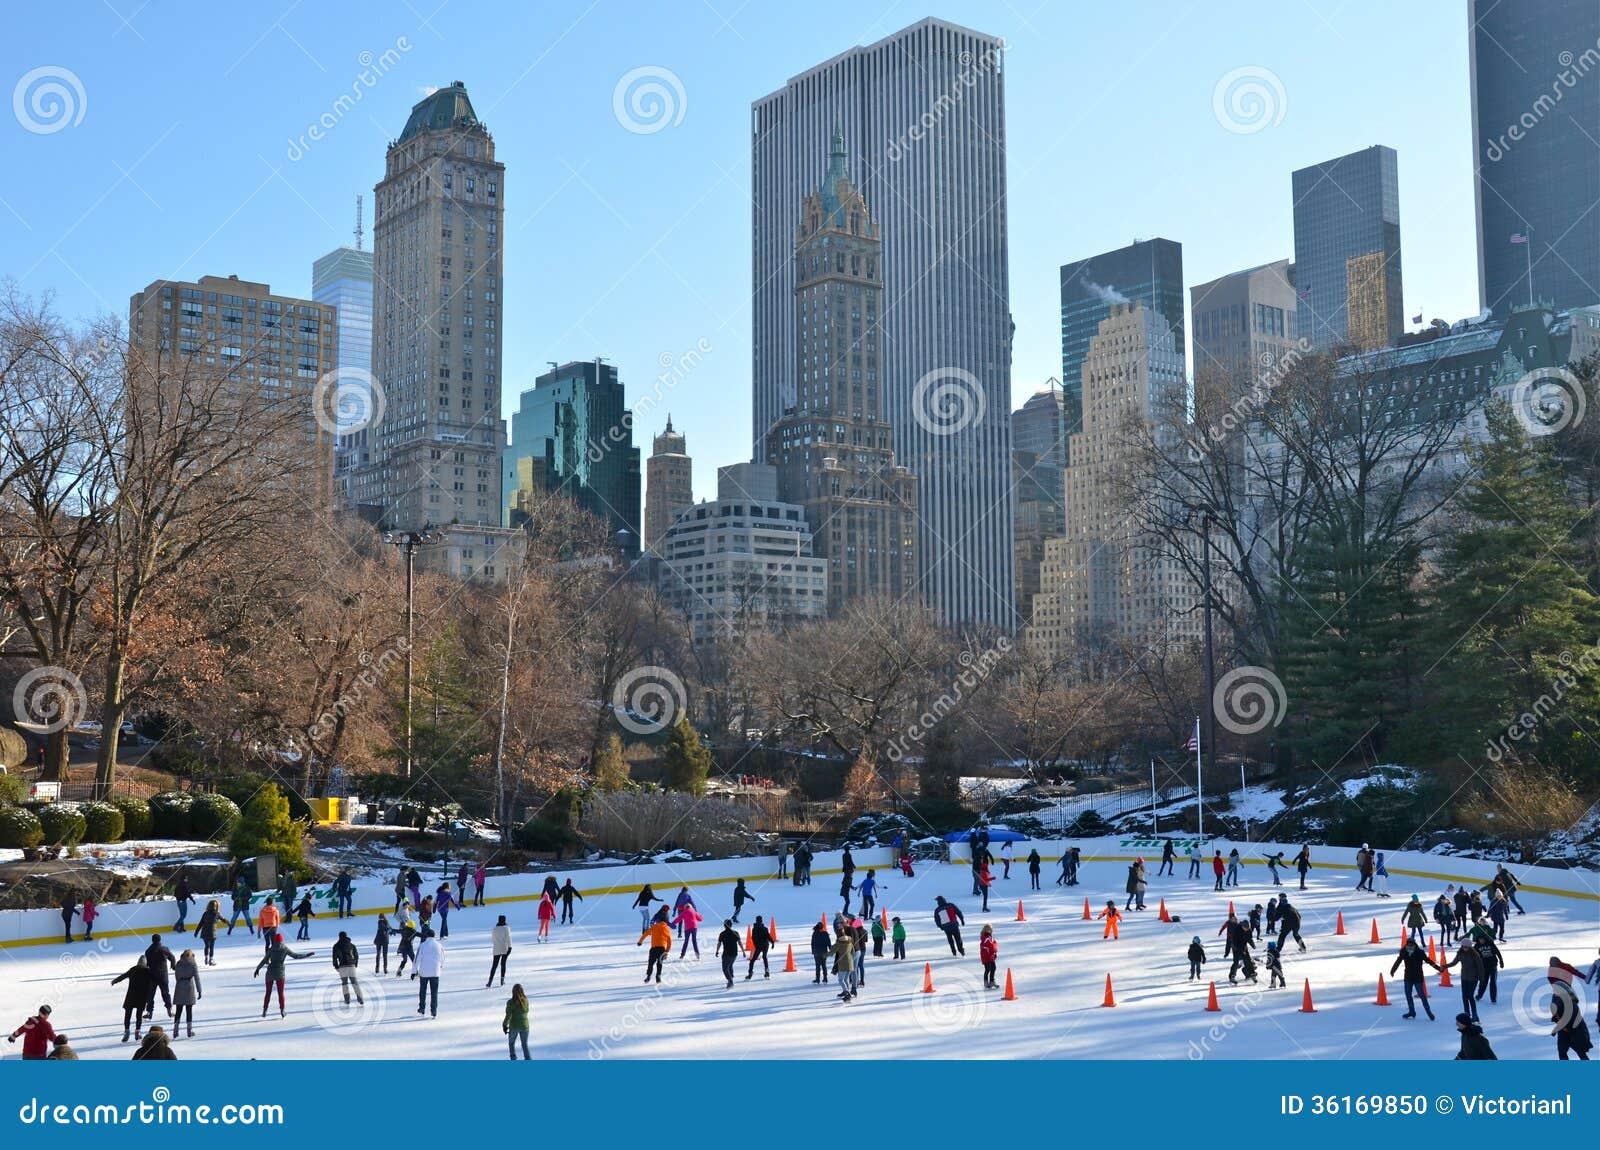 weihnachten im central park new york stockfoto bild 36169850. Black Bedroom Furniture Sets. Home Design Ideas